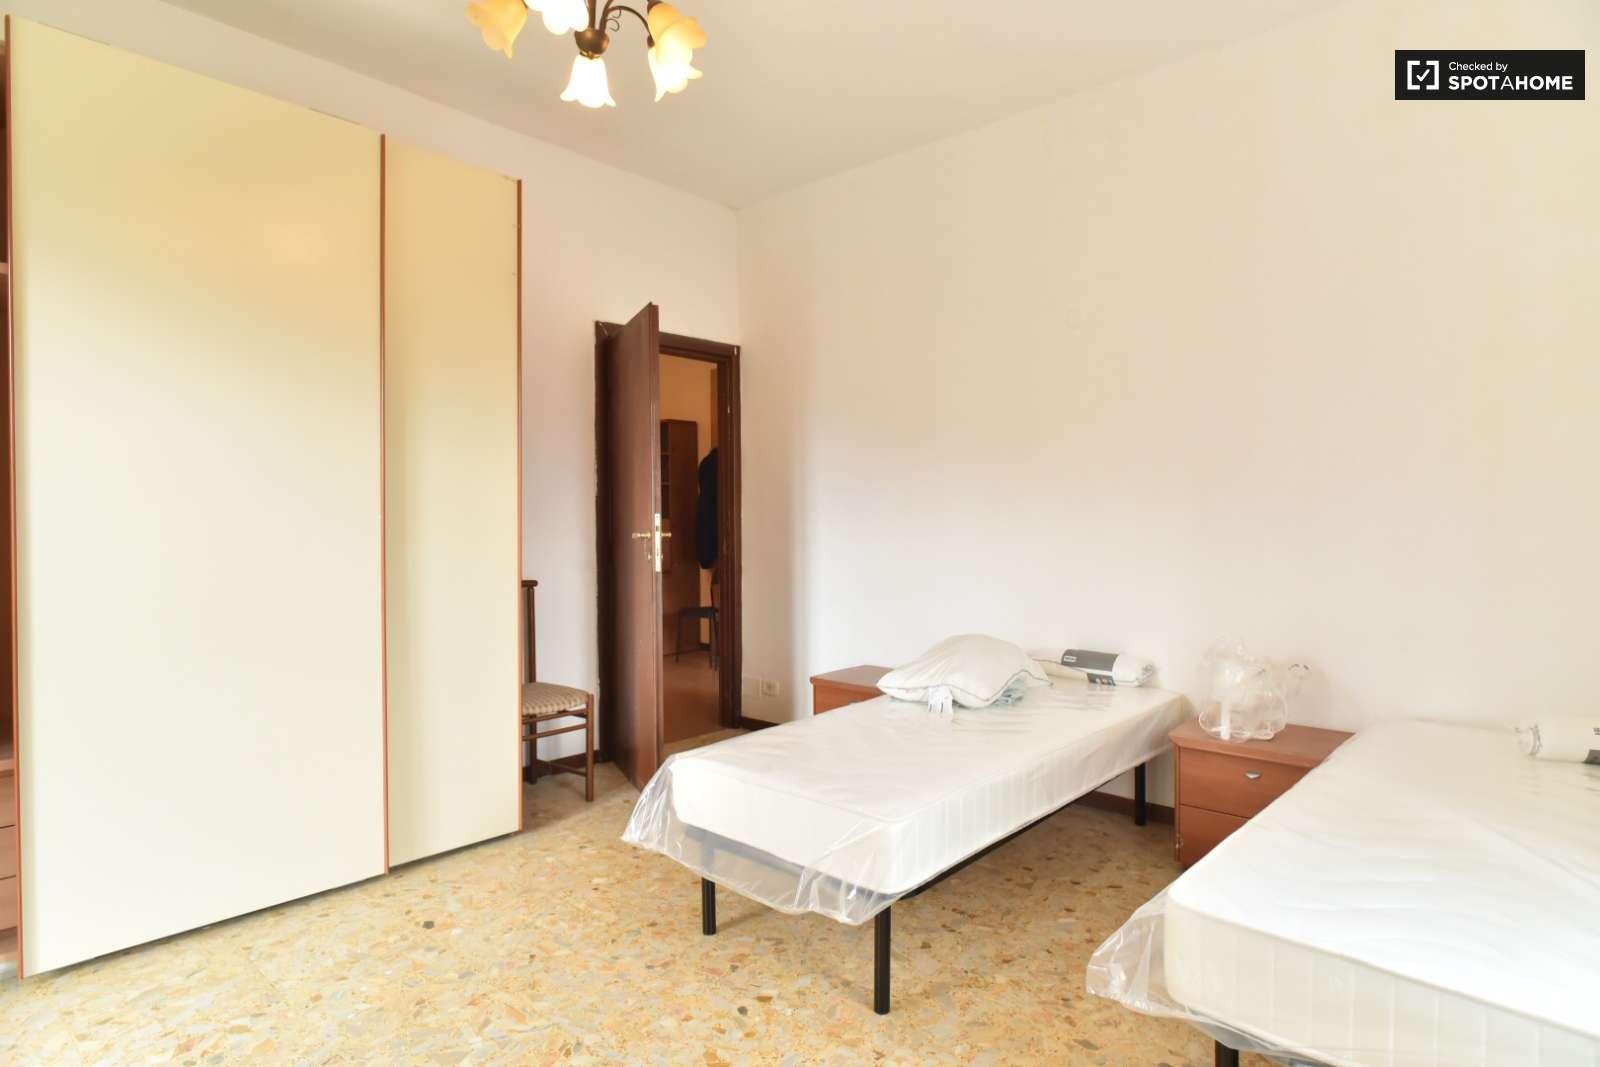 Stanza in affitto in appartamento con 3 camere da letto a morena roma ref 155643 spotahome - Affitto appartamento bologna 3 camere da letto ...